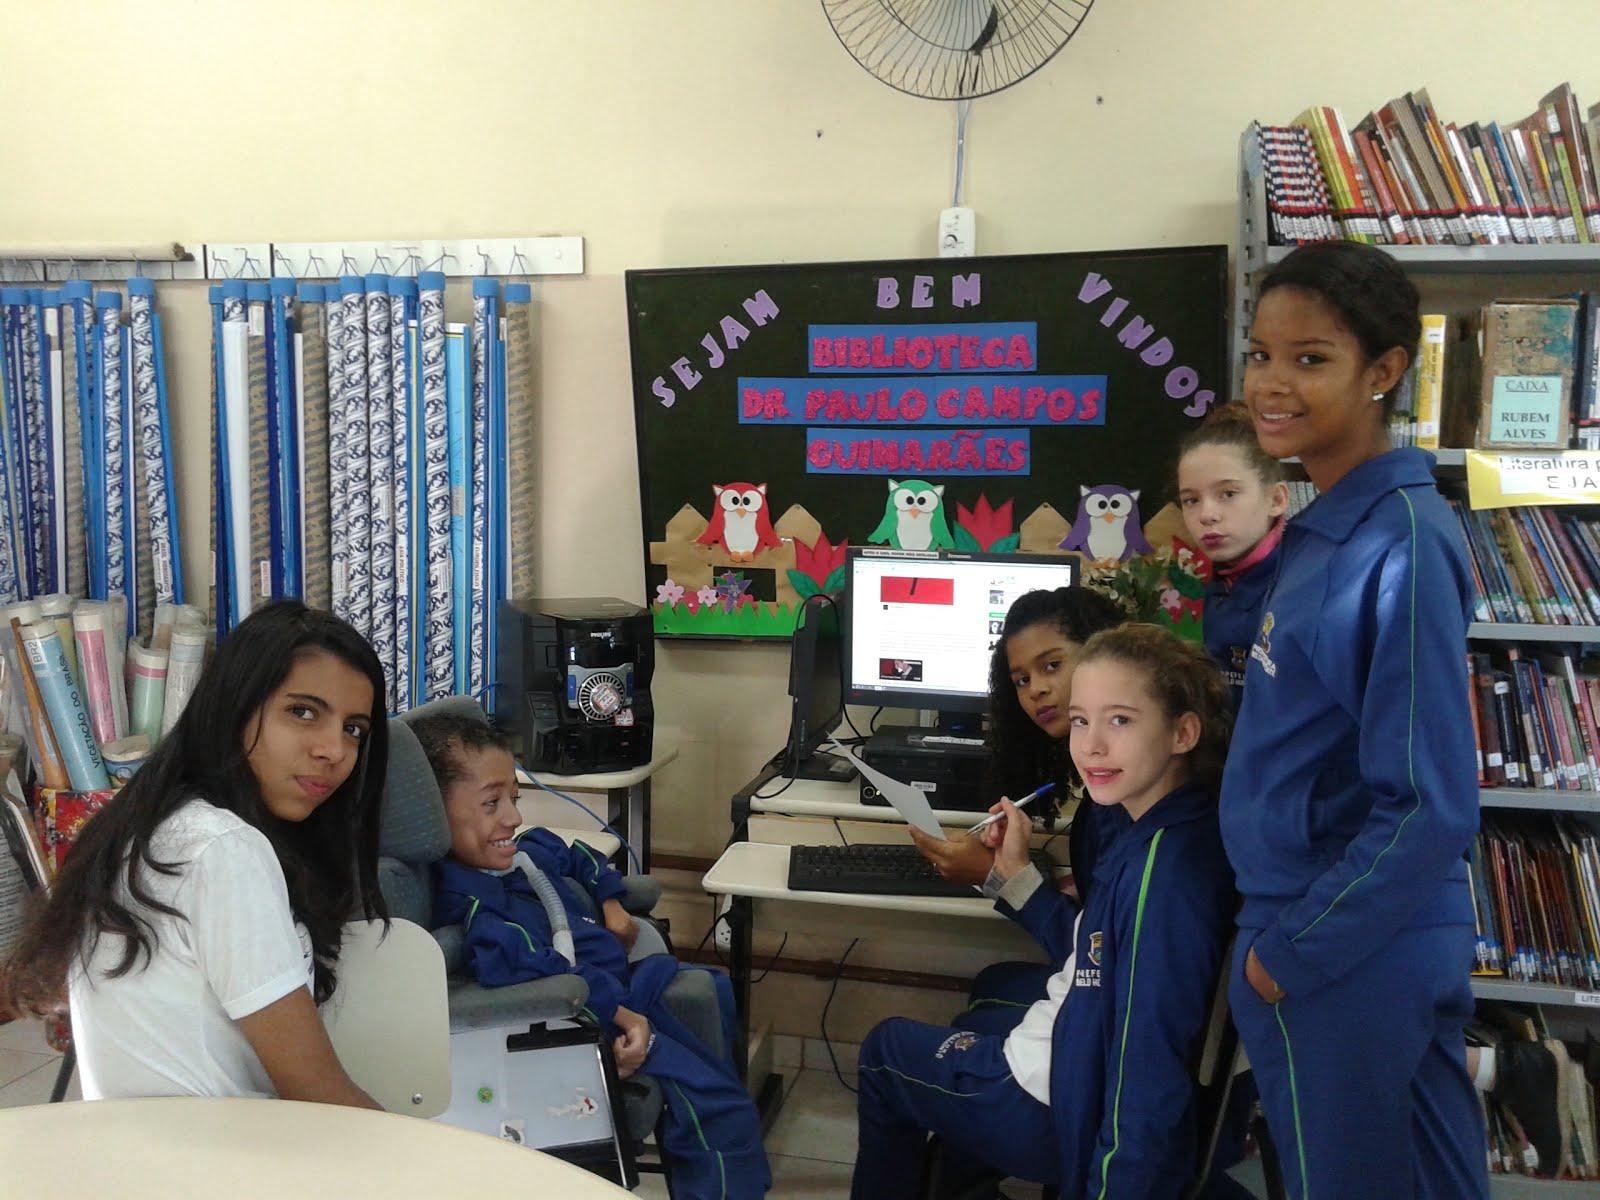 A equipe do jornal preparando uma reportagem